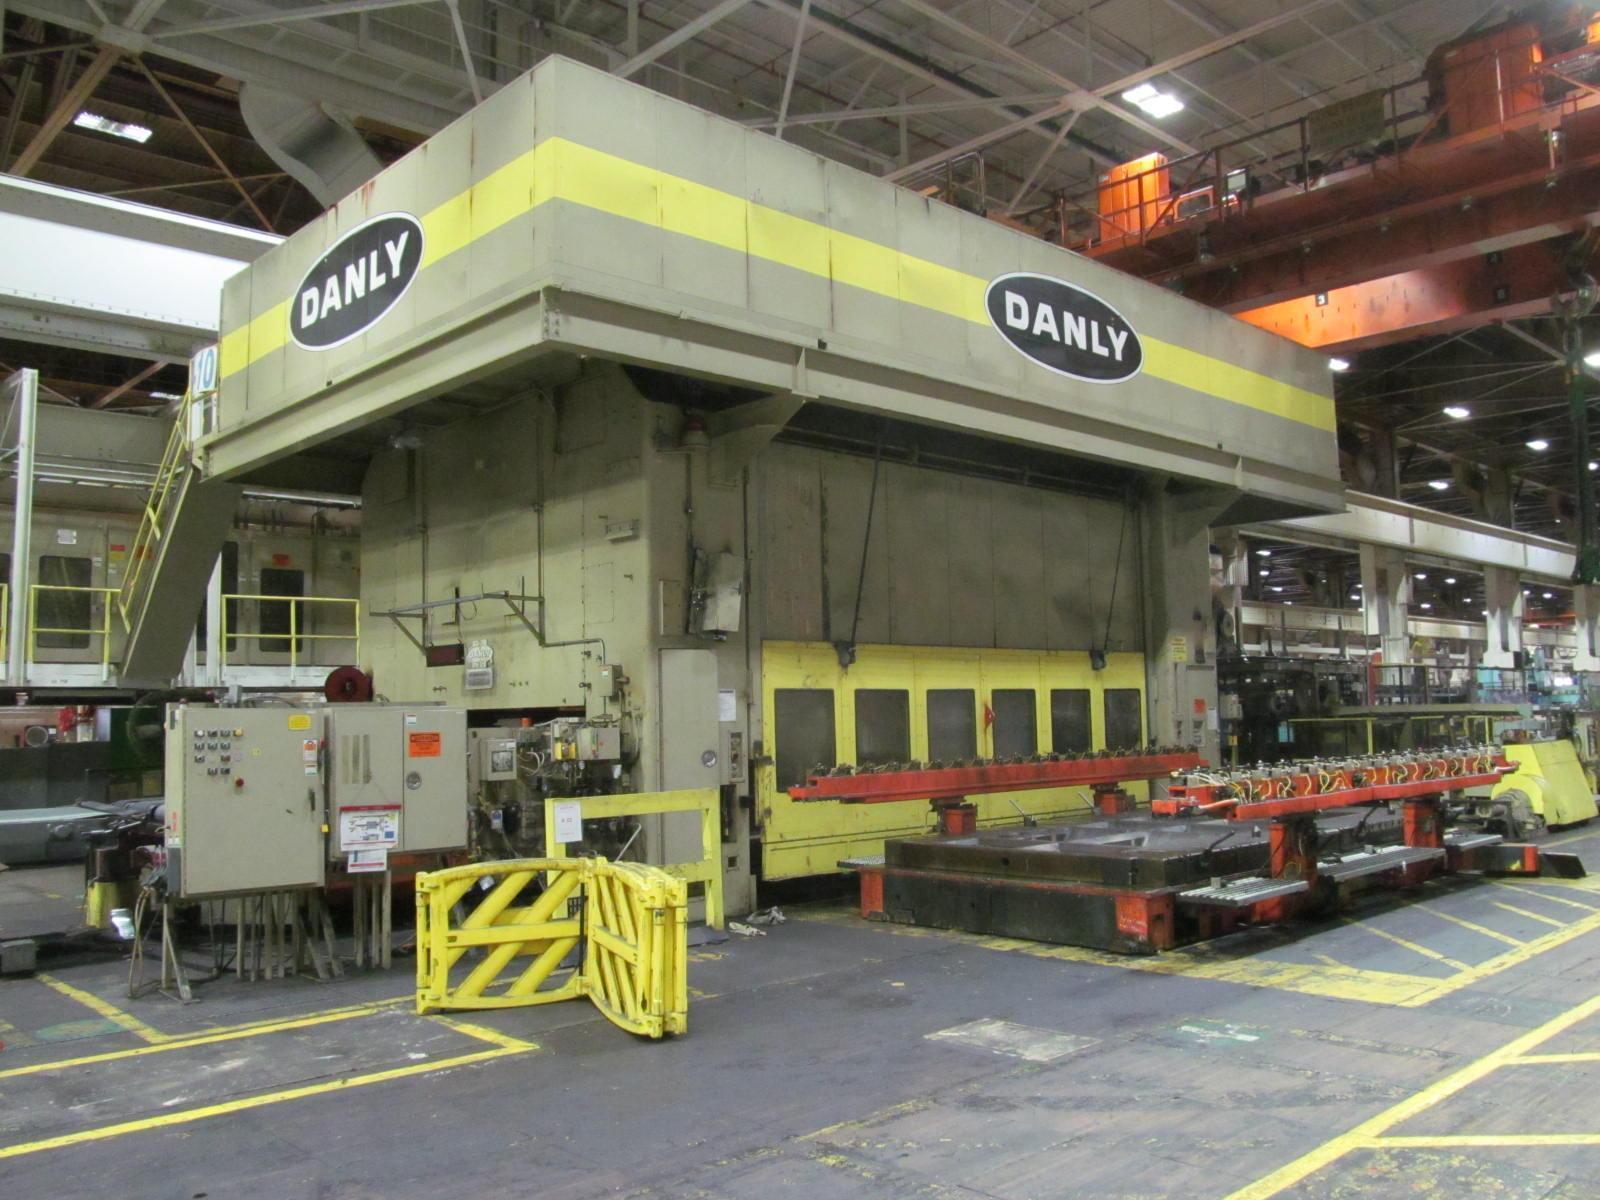 """2000 TON DANLY TRANSFER PRESS, MODEL TS4-2000-216-108TF, 30"""" STR, 79"""" SH, 2"""" ADJ, 216"""" X 108"""" BA, 12-24 SPM VARI"""